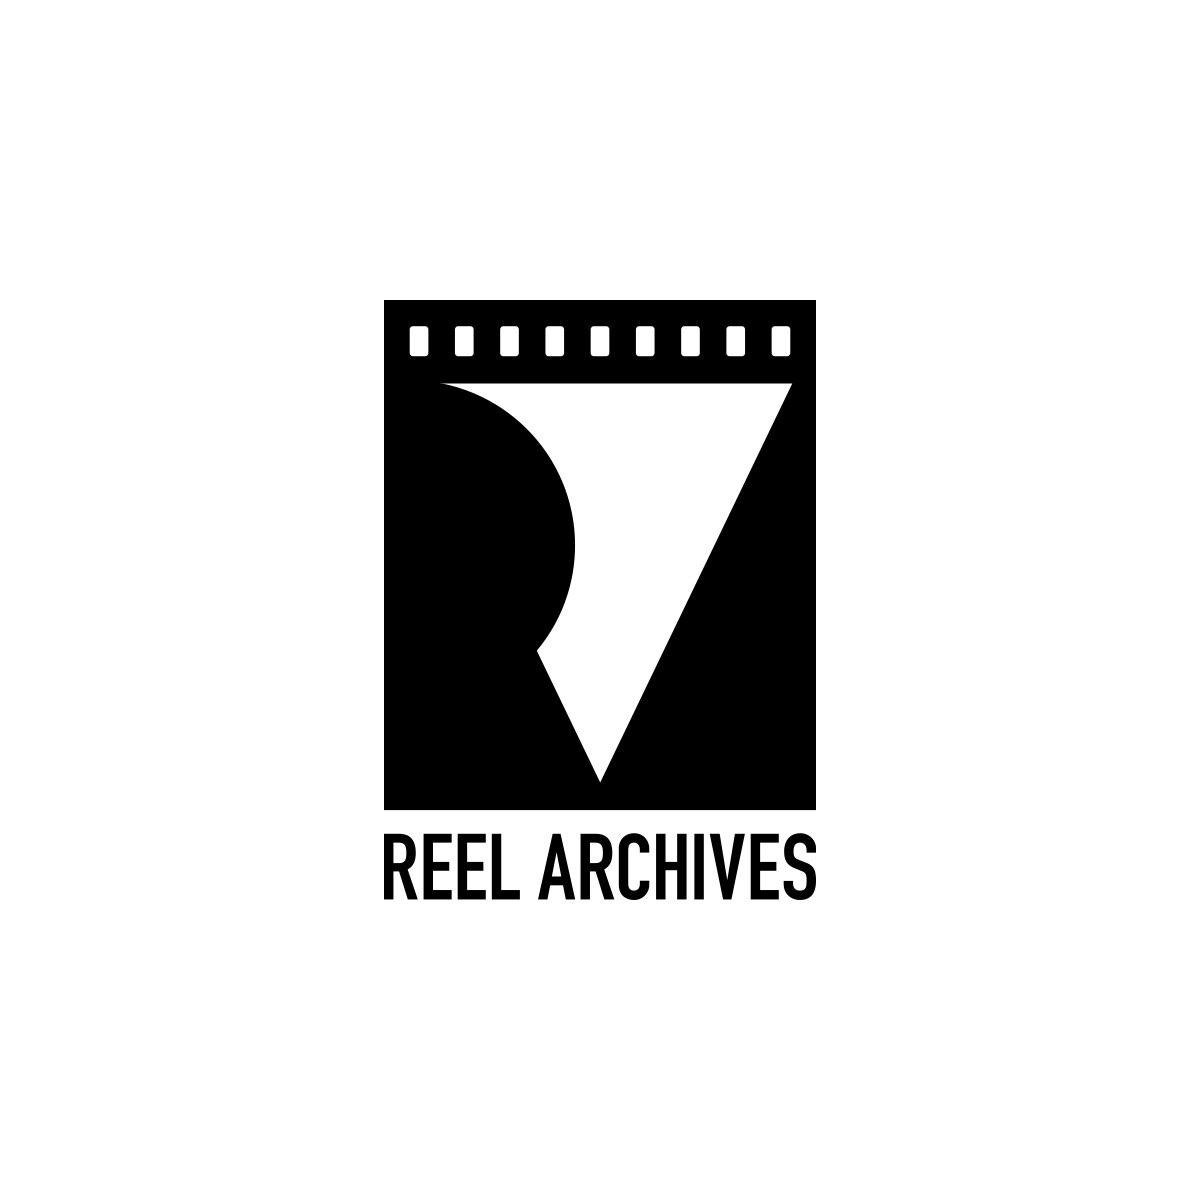 logos.066.jpeg